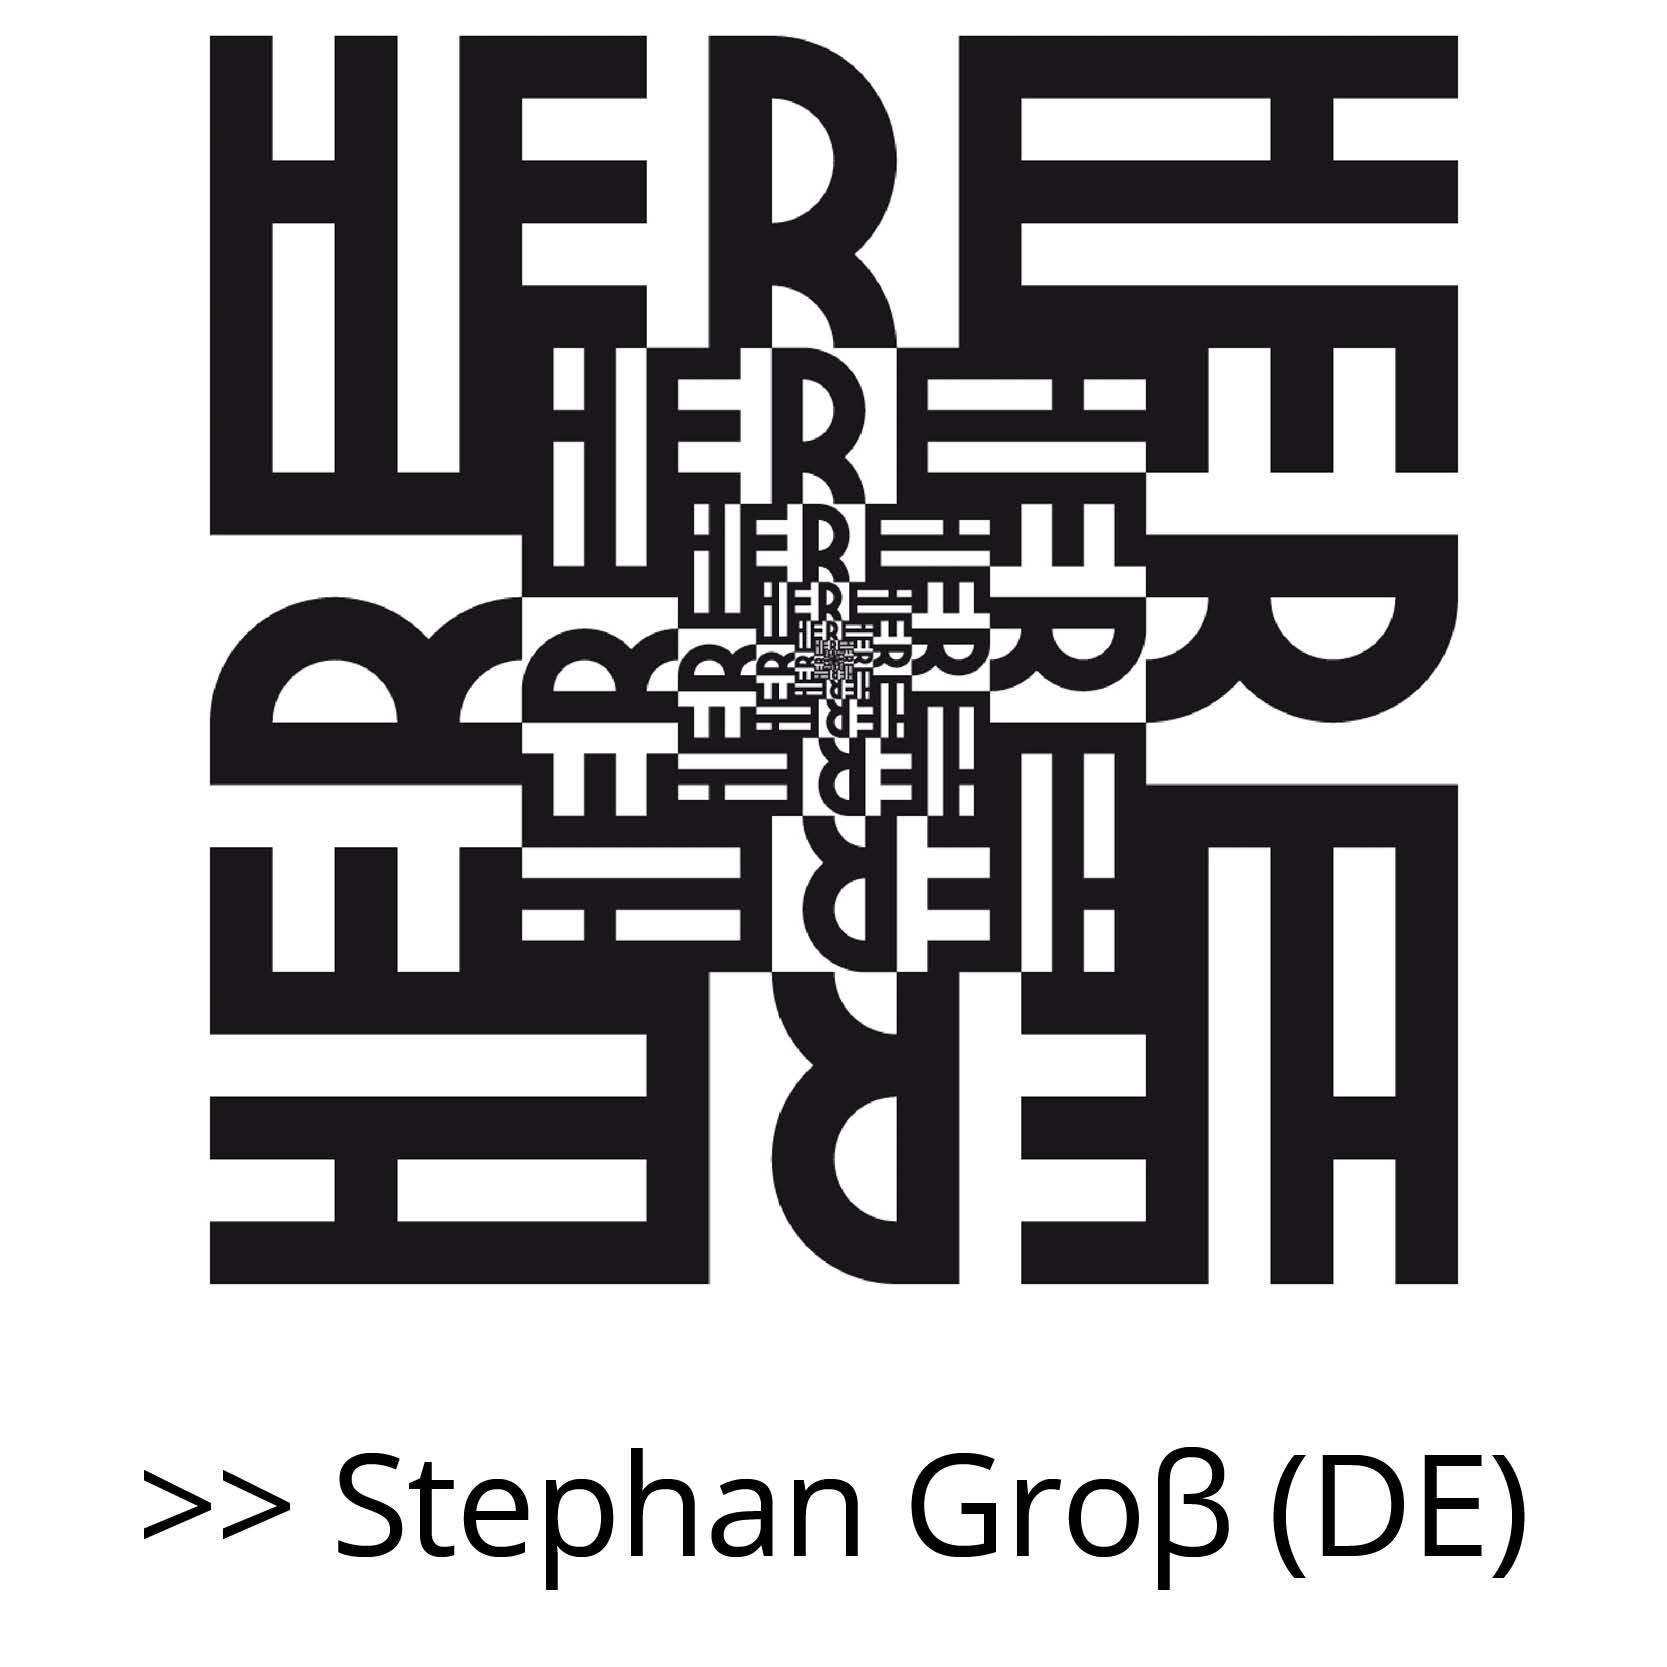 Stephan_Groβ_(DE)